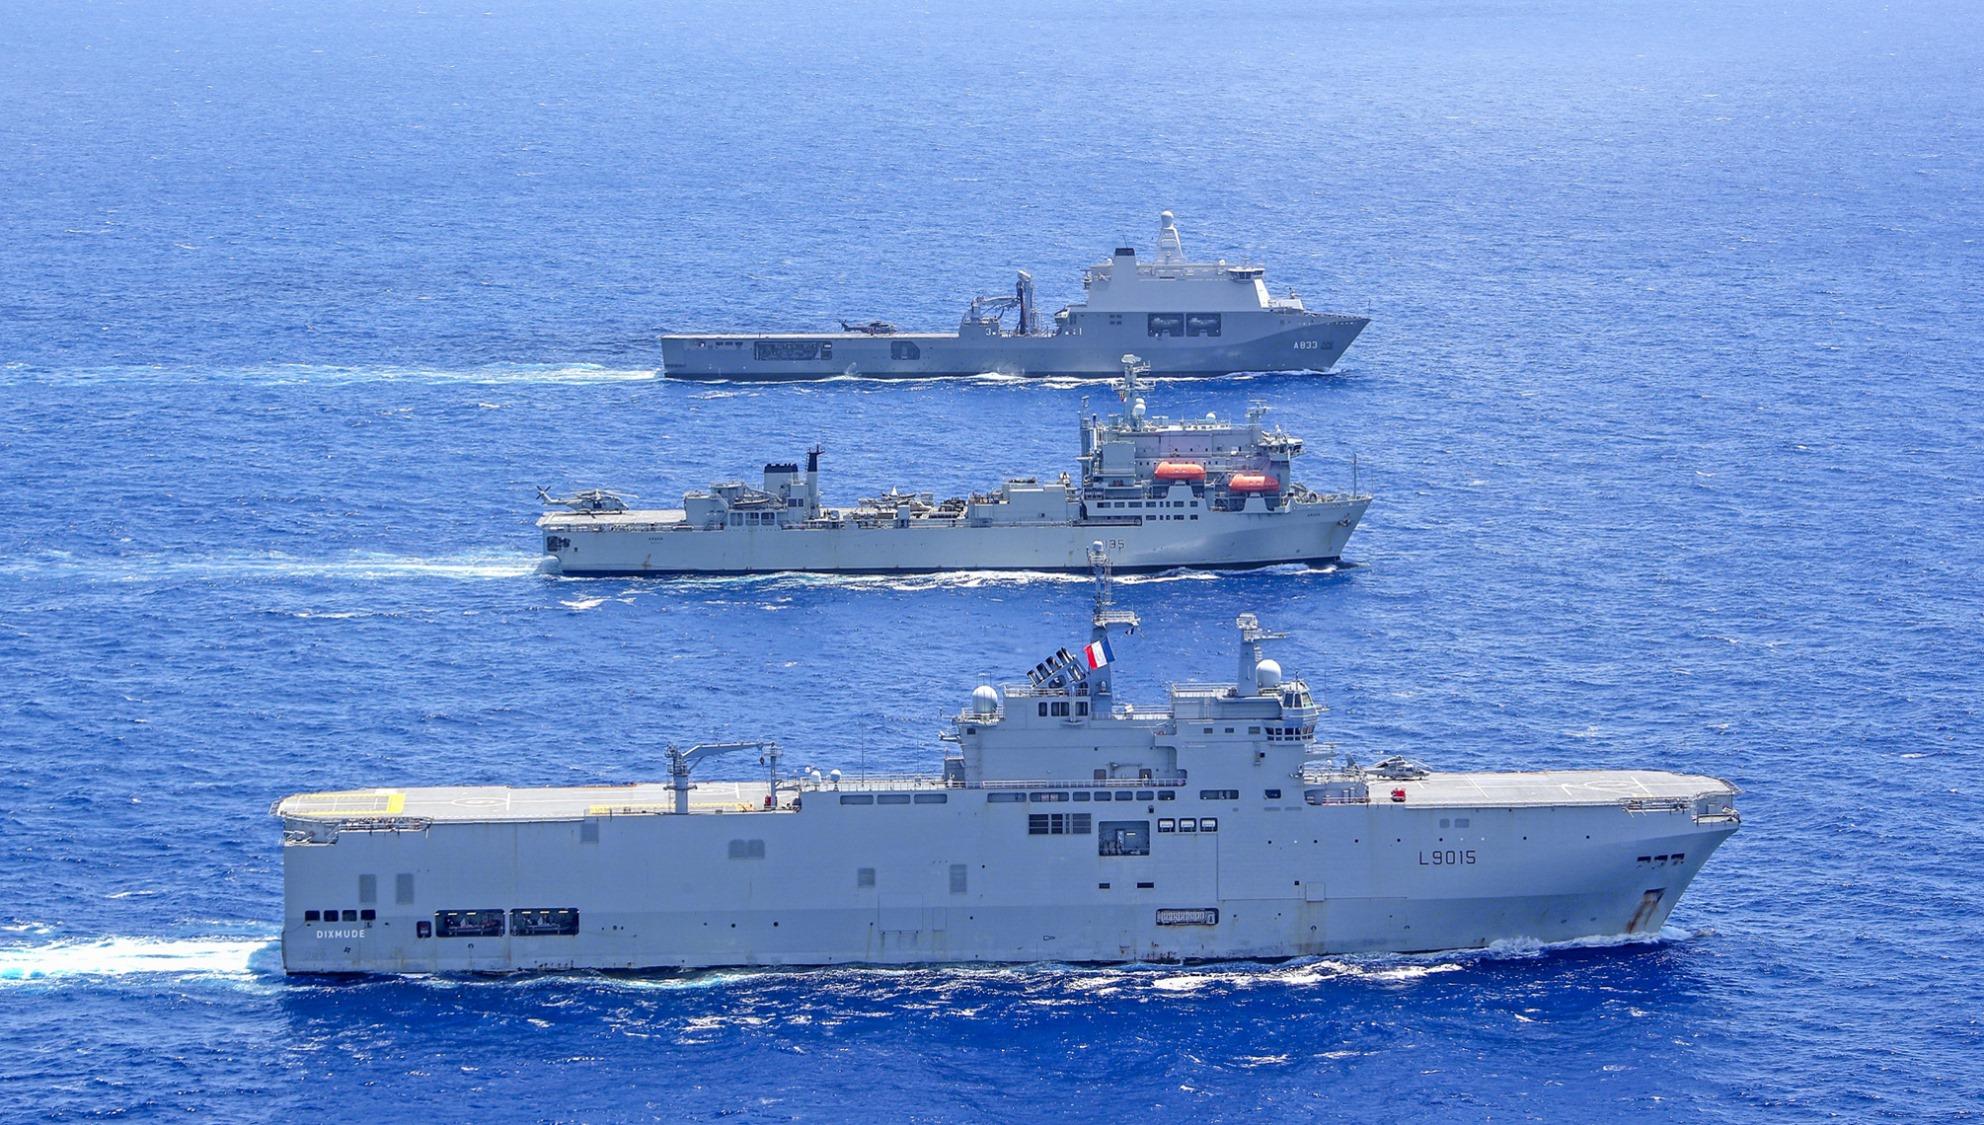 Европейские десантные корабли в едином строю 97252984_3049792218399816_2943169916322185216_o